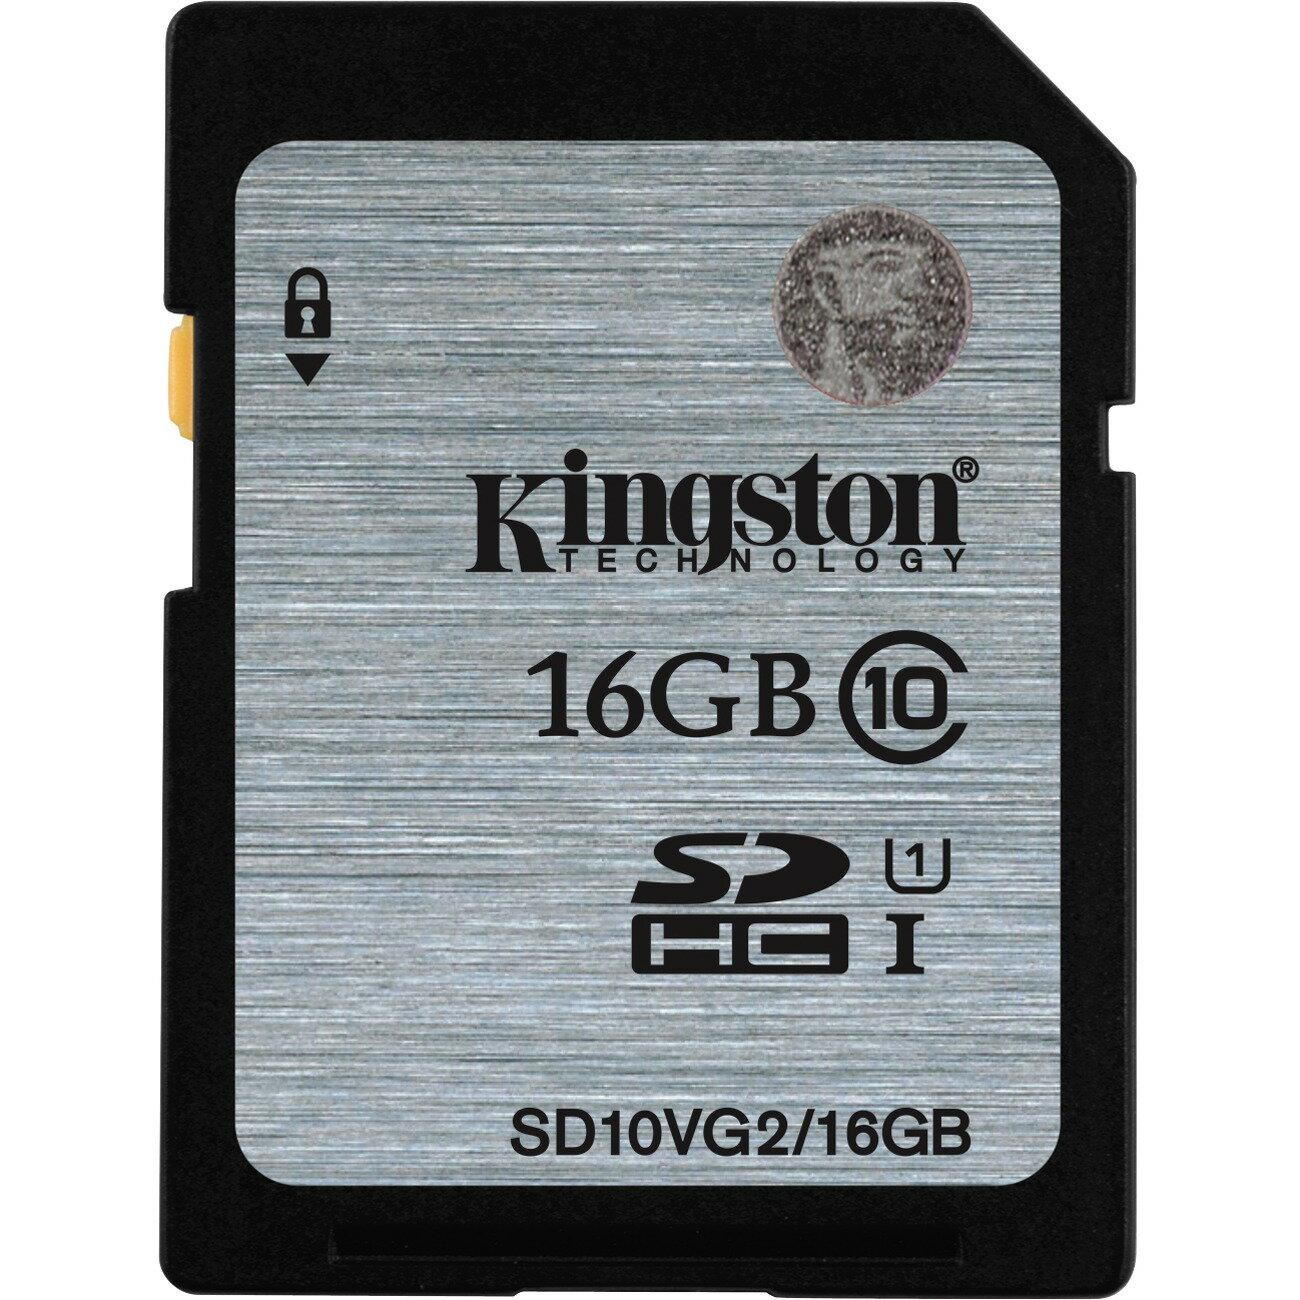 Kingston 16GB SDHC 45MB/s UHS-I U1 Class 10 16G SD C10 full HD Flash Memory Card SD10VG2/16GB 0